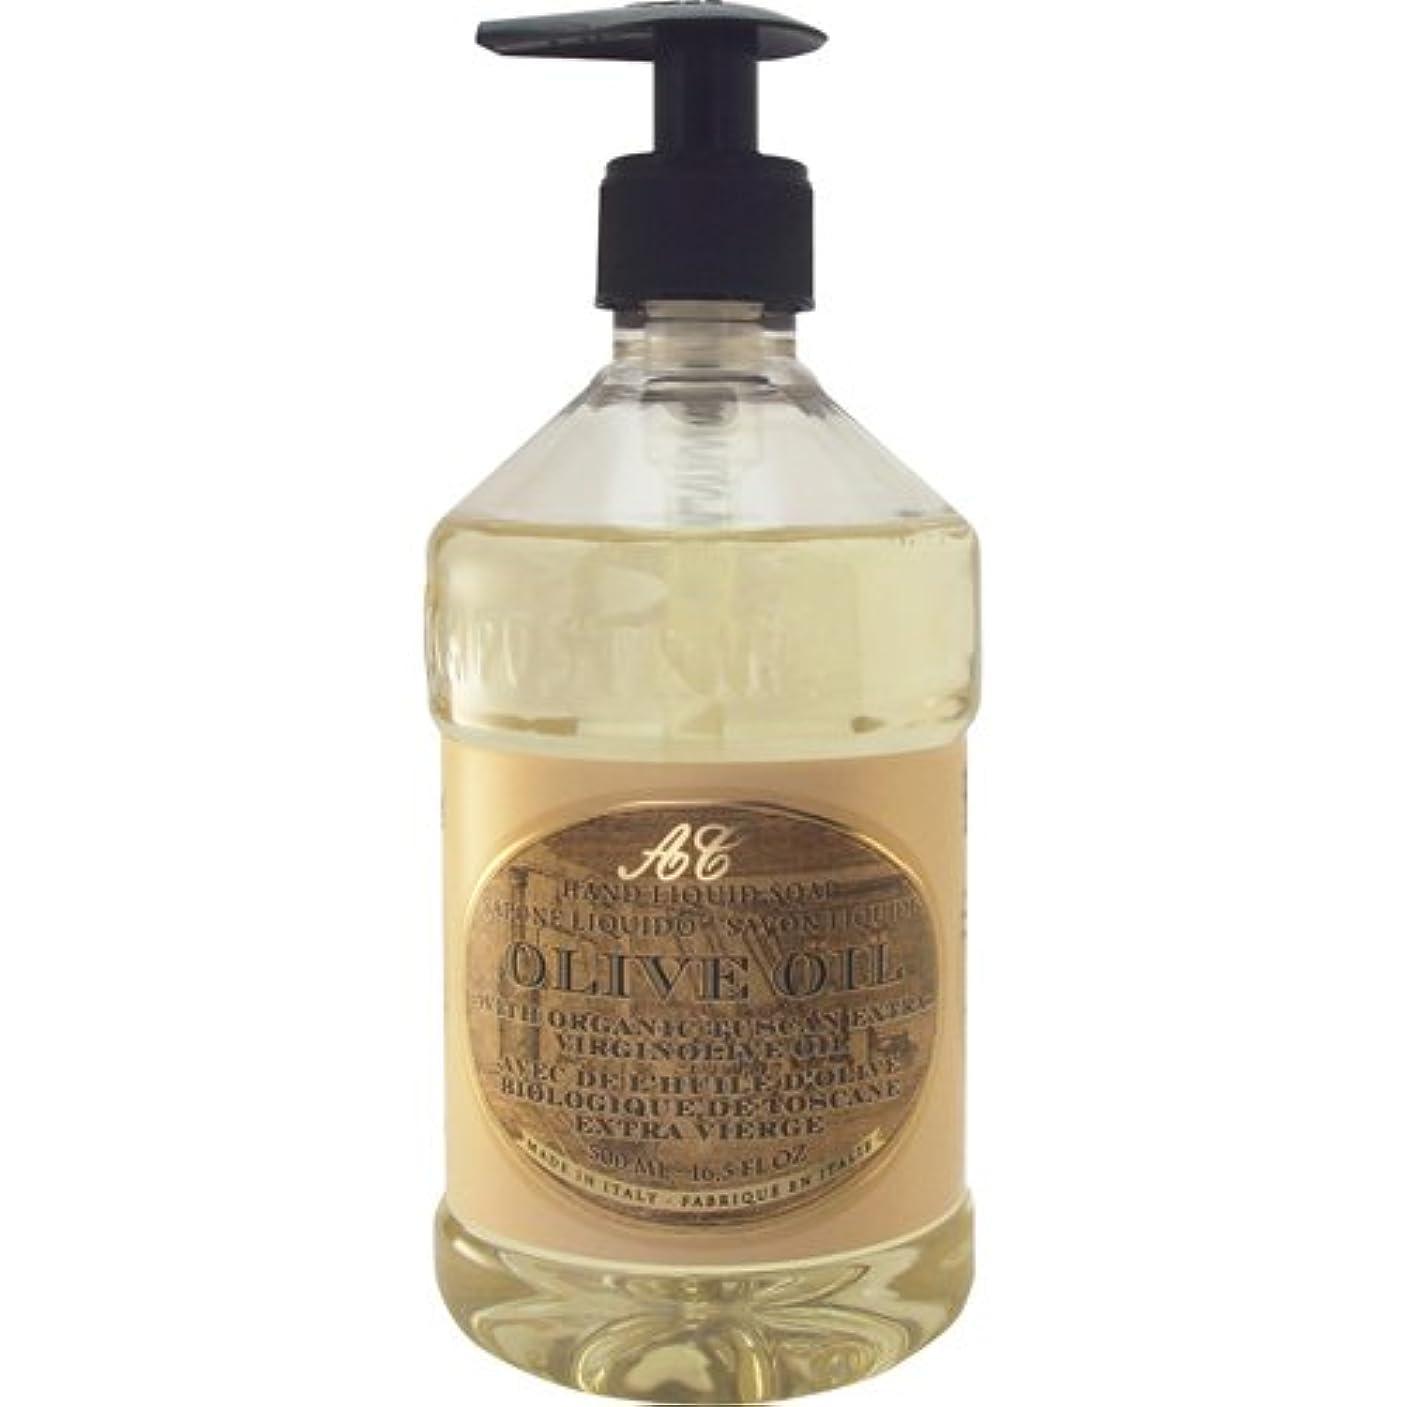 ふりをするアスペクト違うSaponerire Fissi レトロシリーズ Liquid Soap リキッドソープ 500ml Olive Oil オリーブオイル